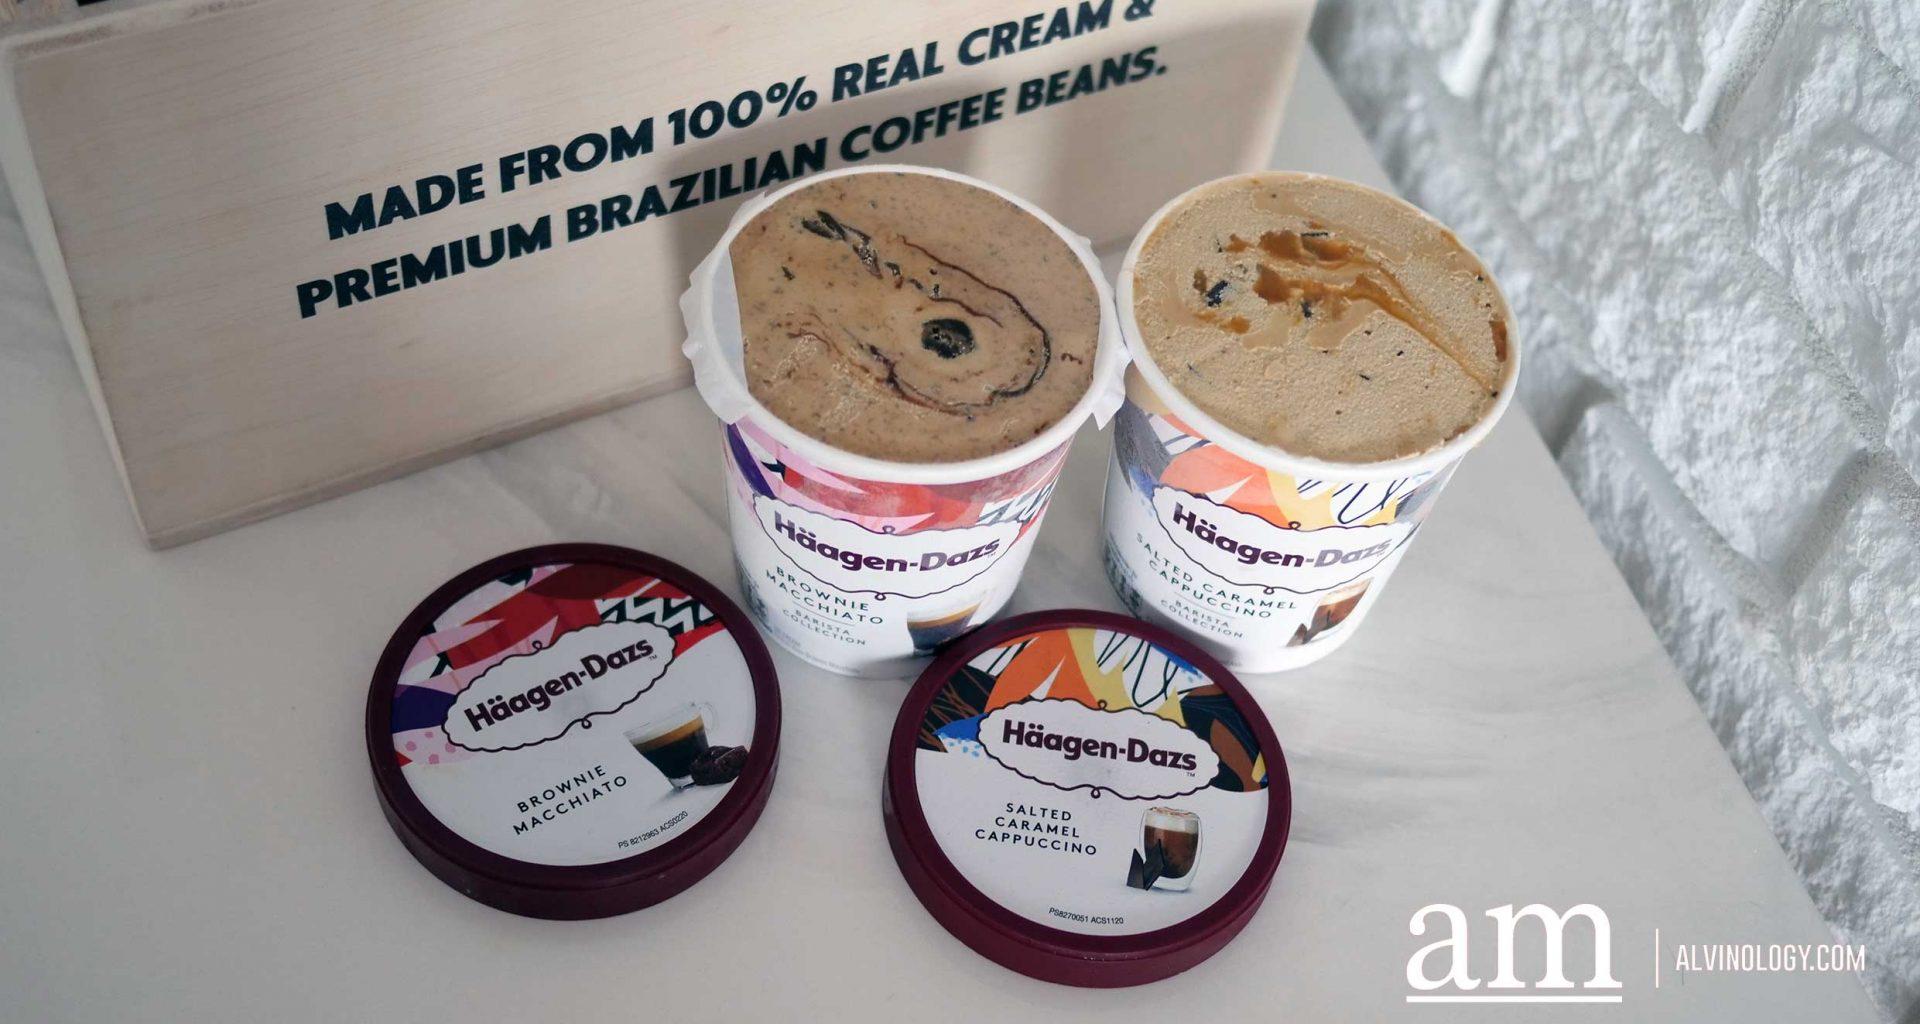 Get an Ice Cream Coffee Break with Häagen-Dazs - Alvinology